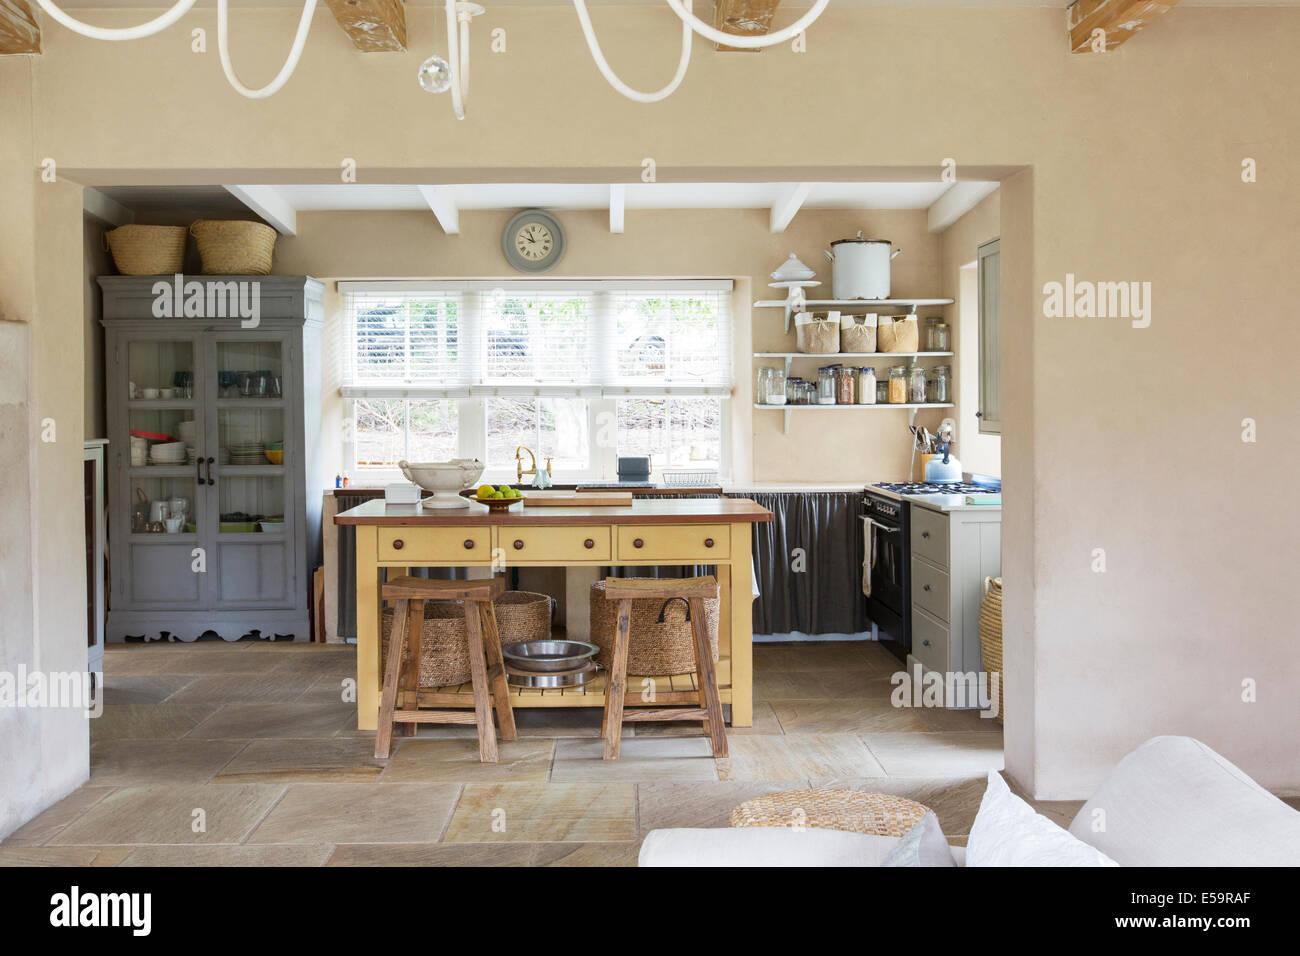 Isla en la cocina de casa rústica Imagen De Stock